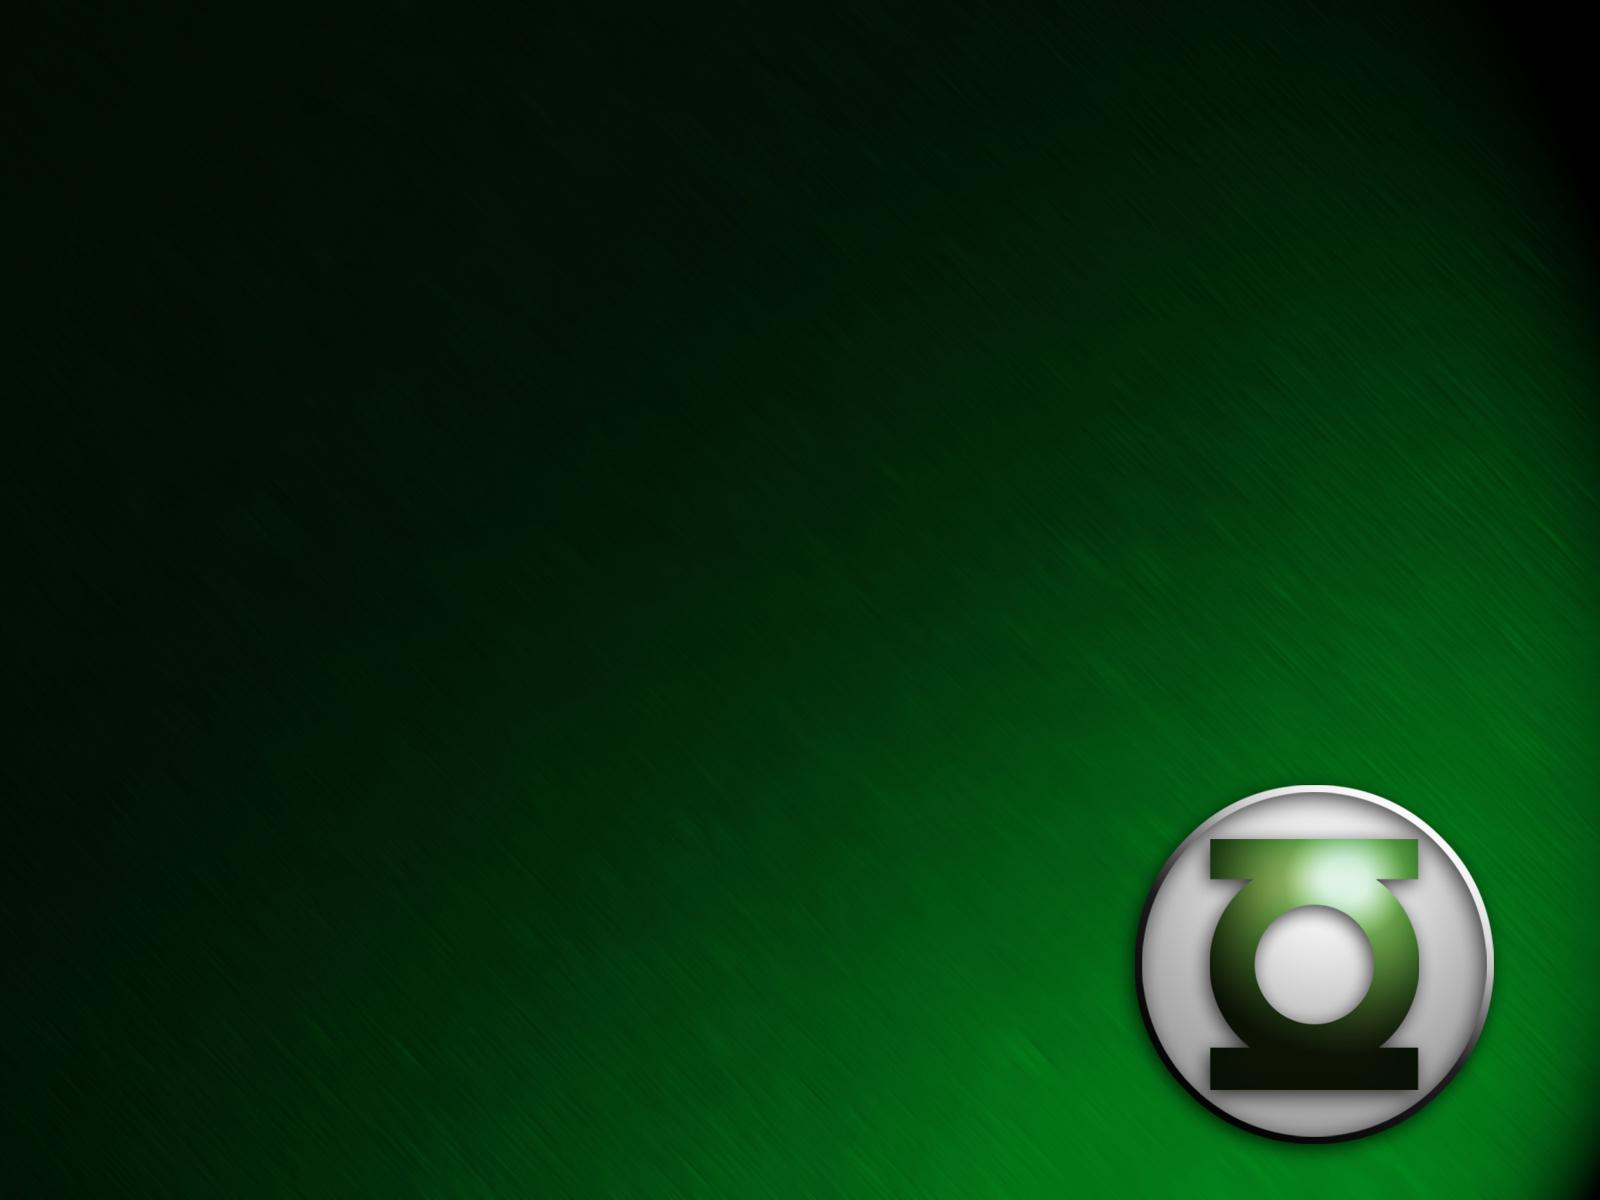 Green Lantern Wallpaper   Cartoon Wallpapers 1600x1200